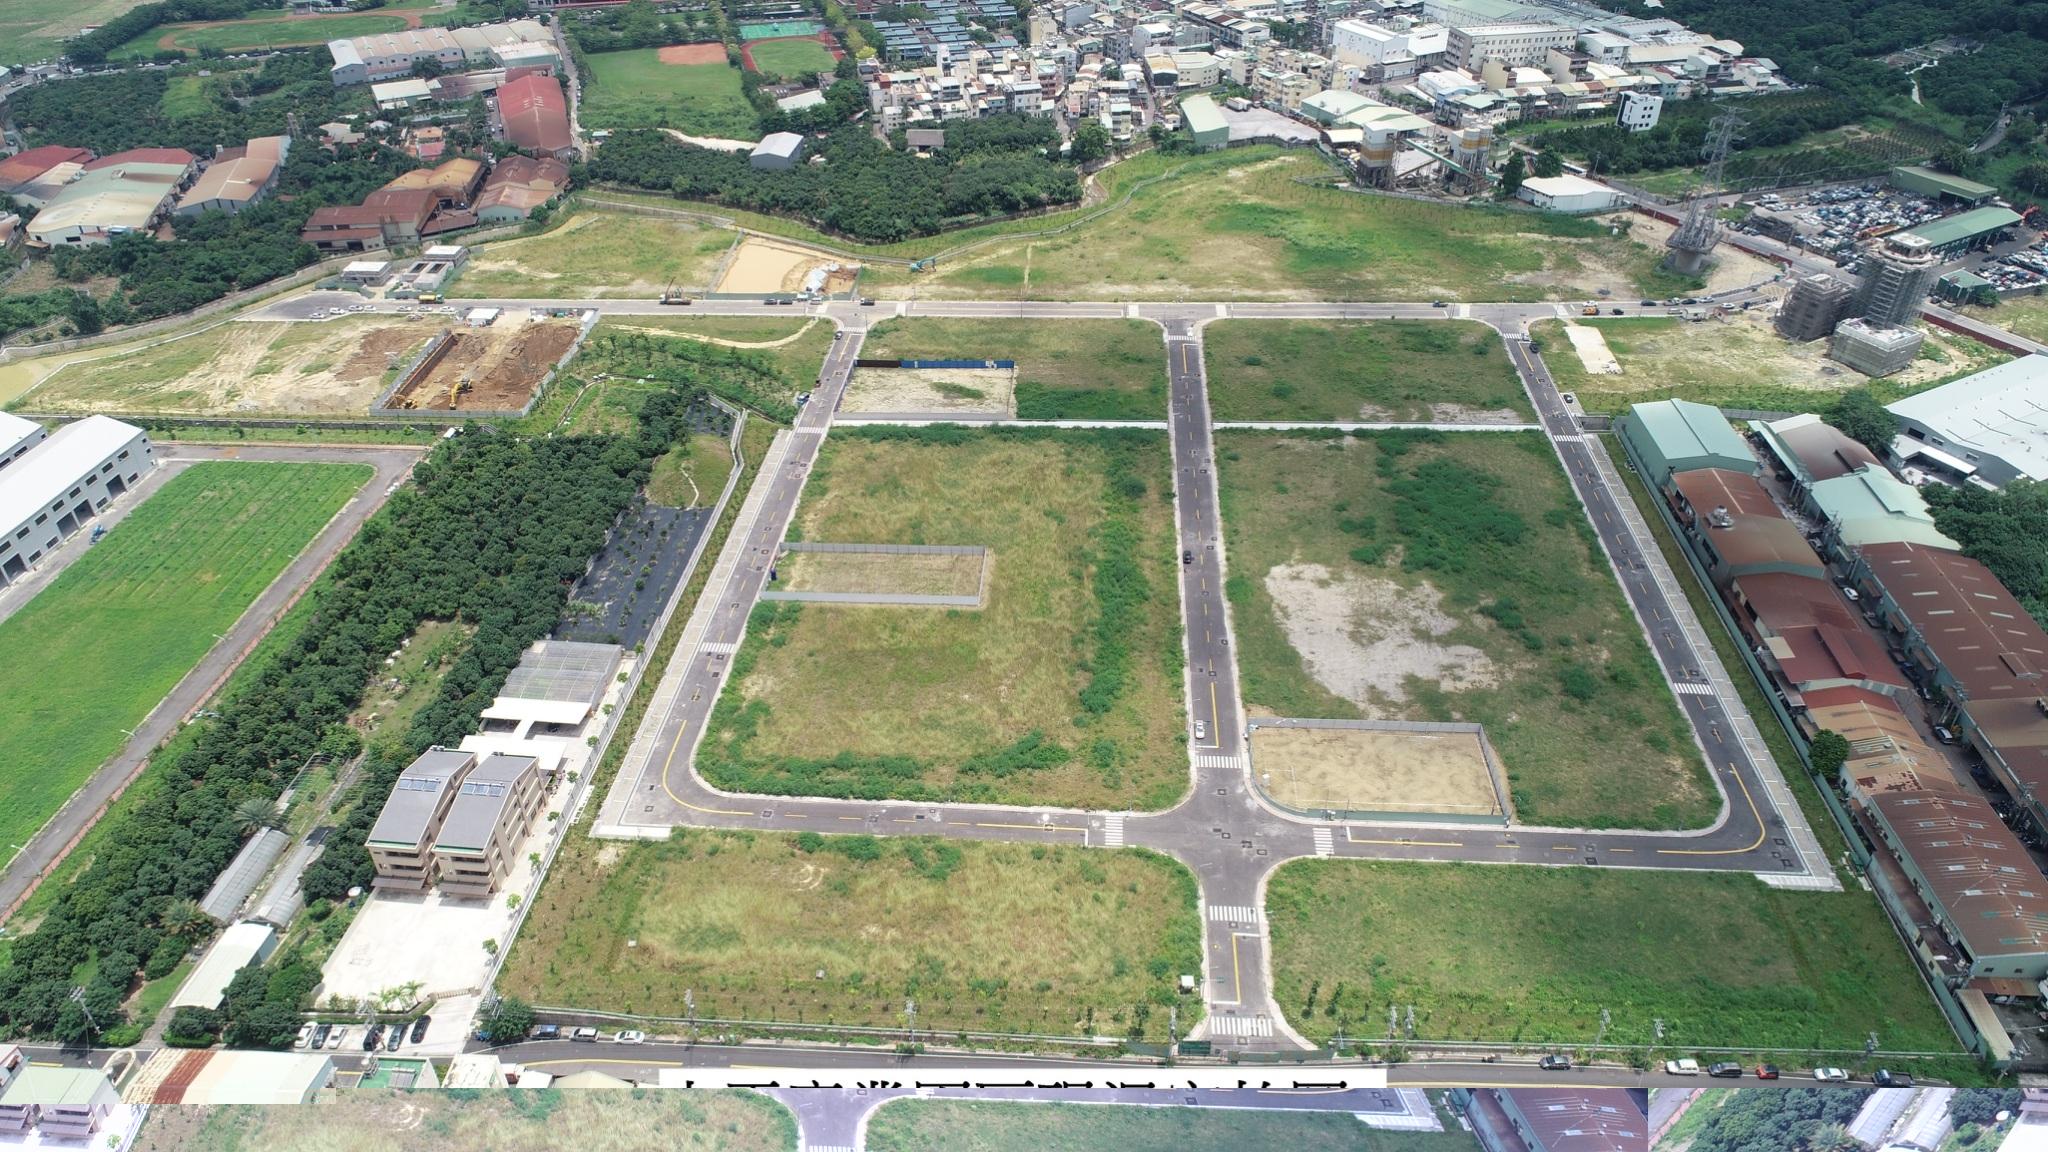 太平產業園區過去多為農業用地非法占用廠房,區域開發後將提供合法用地協助廠商建廠。(圖/臺中市政府提供)